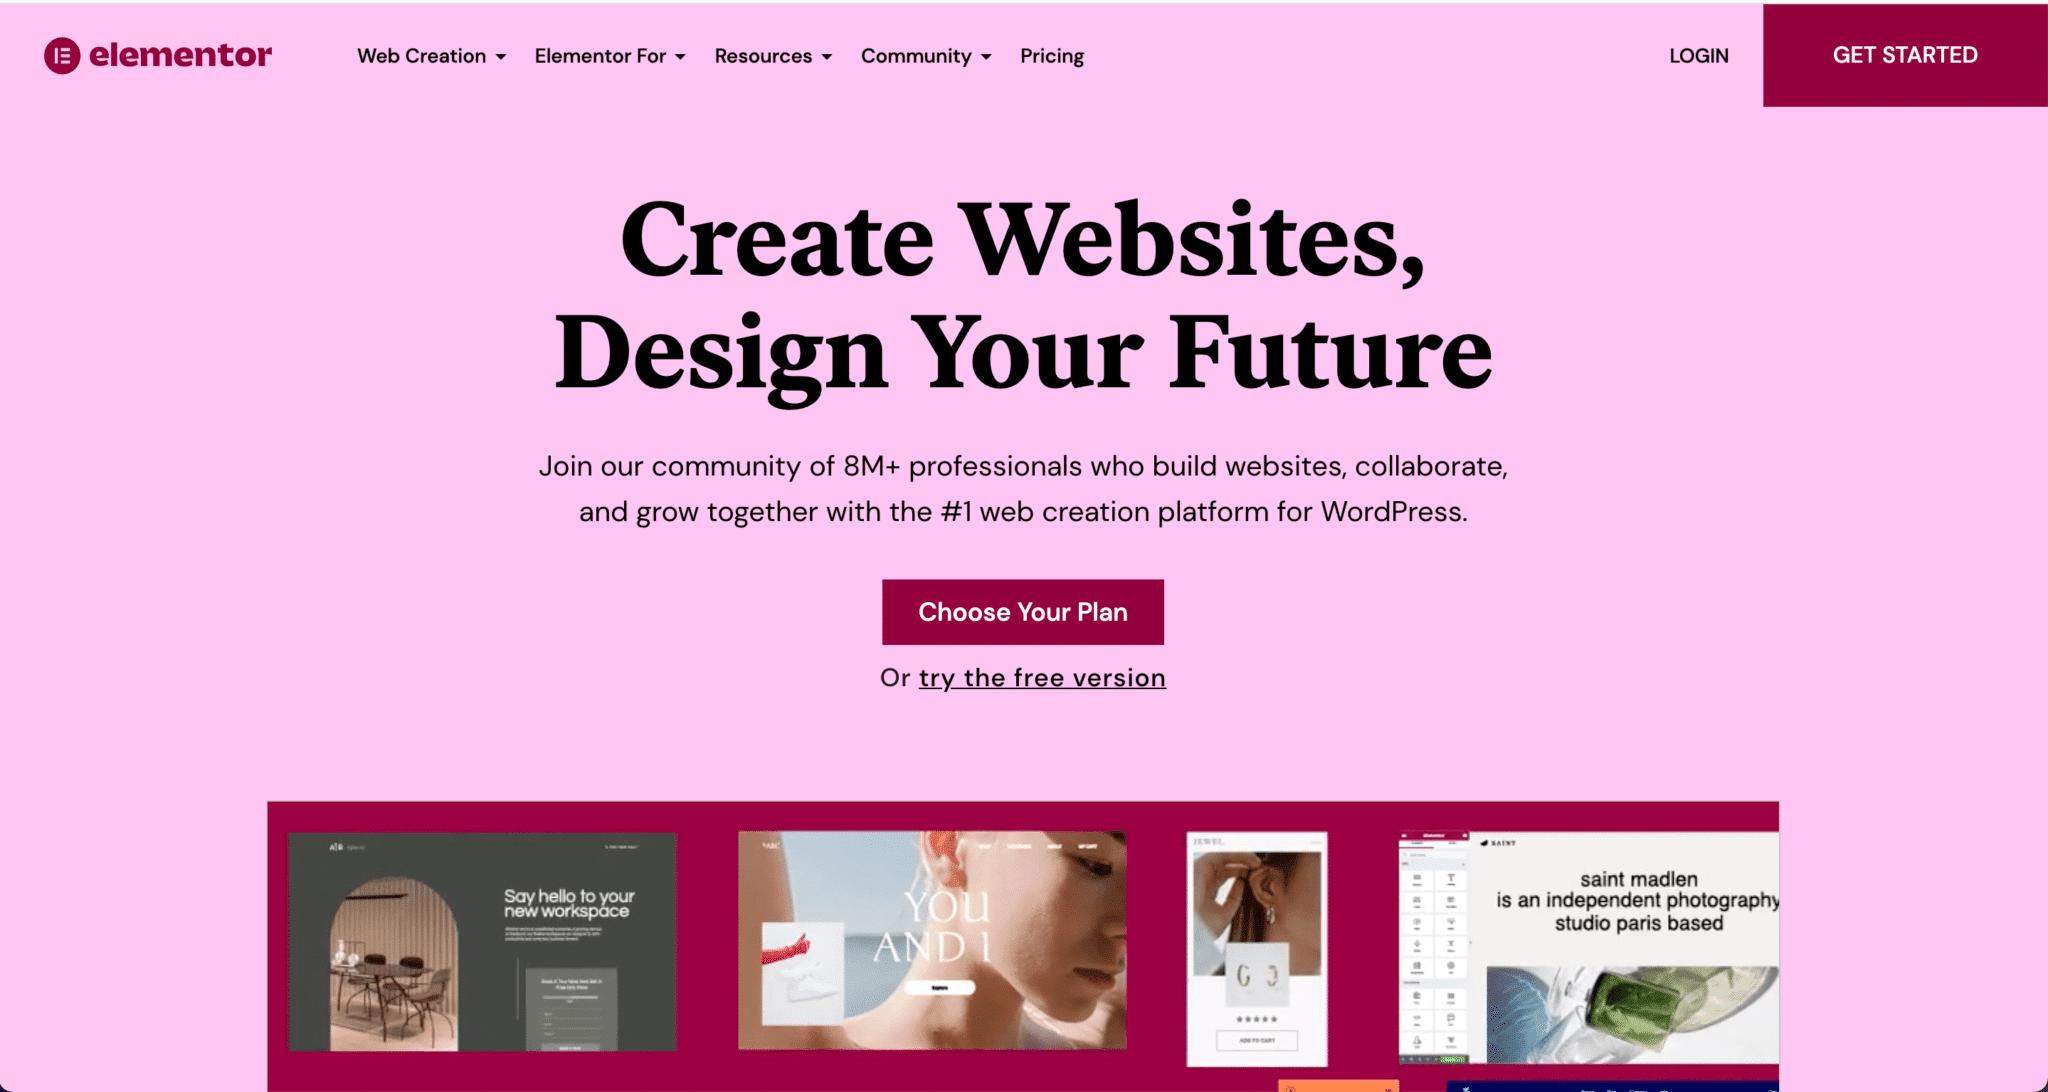 Page d'accueil du site web de l'outil Elementor